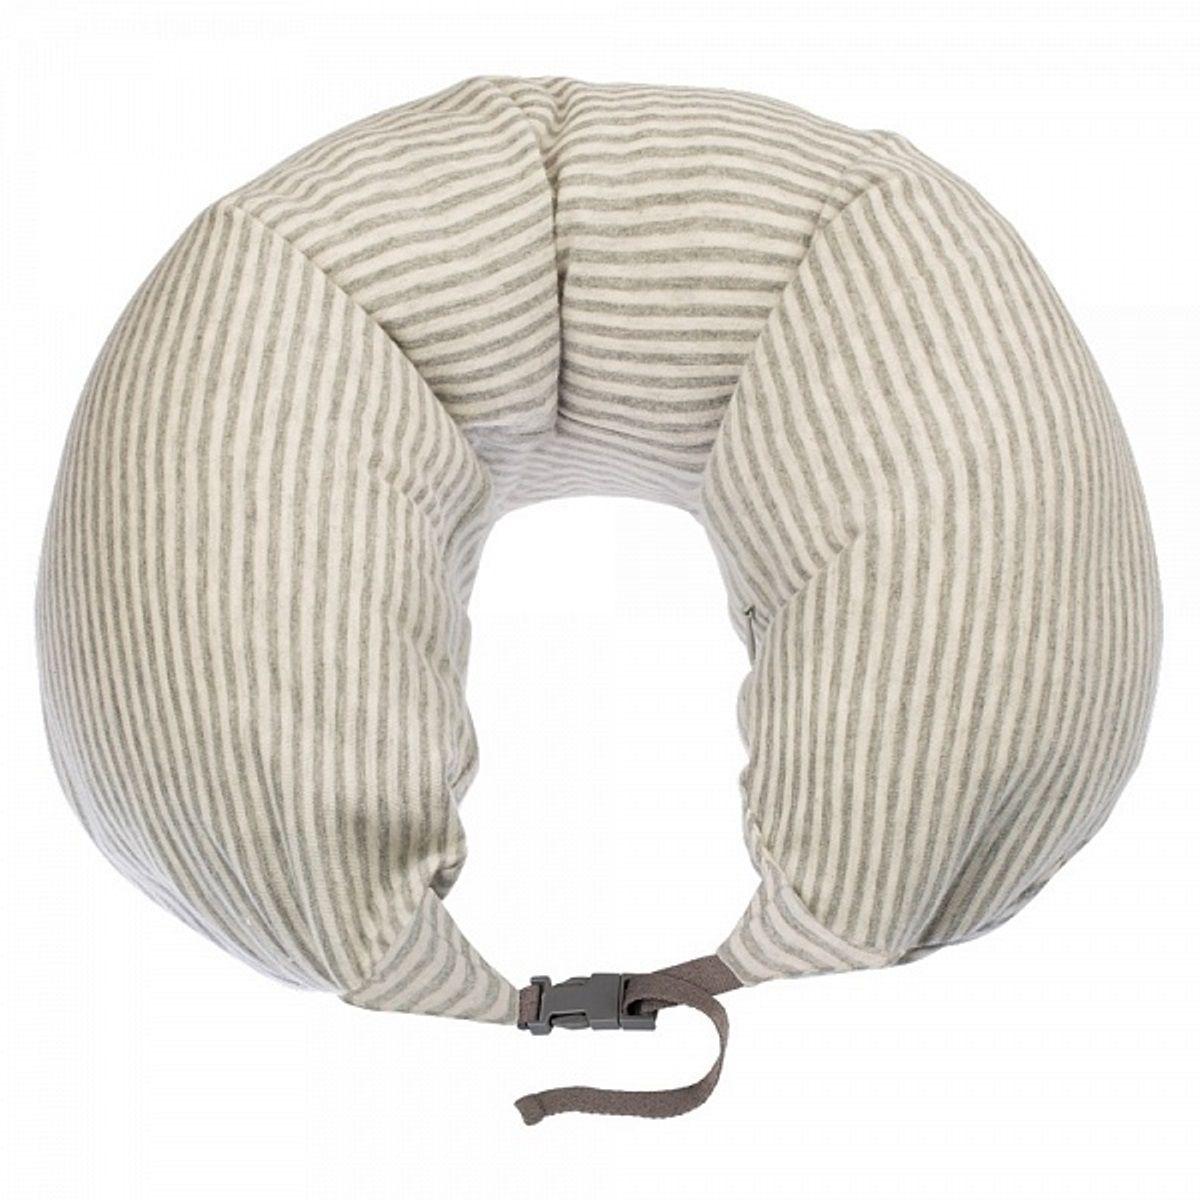 Подушка для шеи Woodsurf  La Siesta. Полоска , массажная, USB, цвет: светло-серый - Подушки